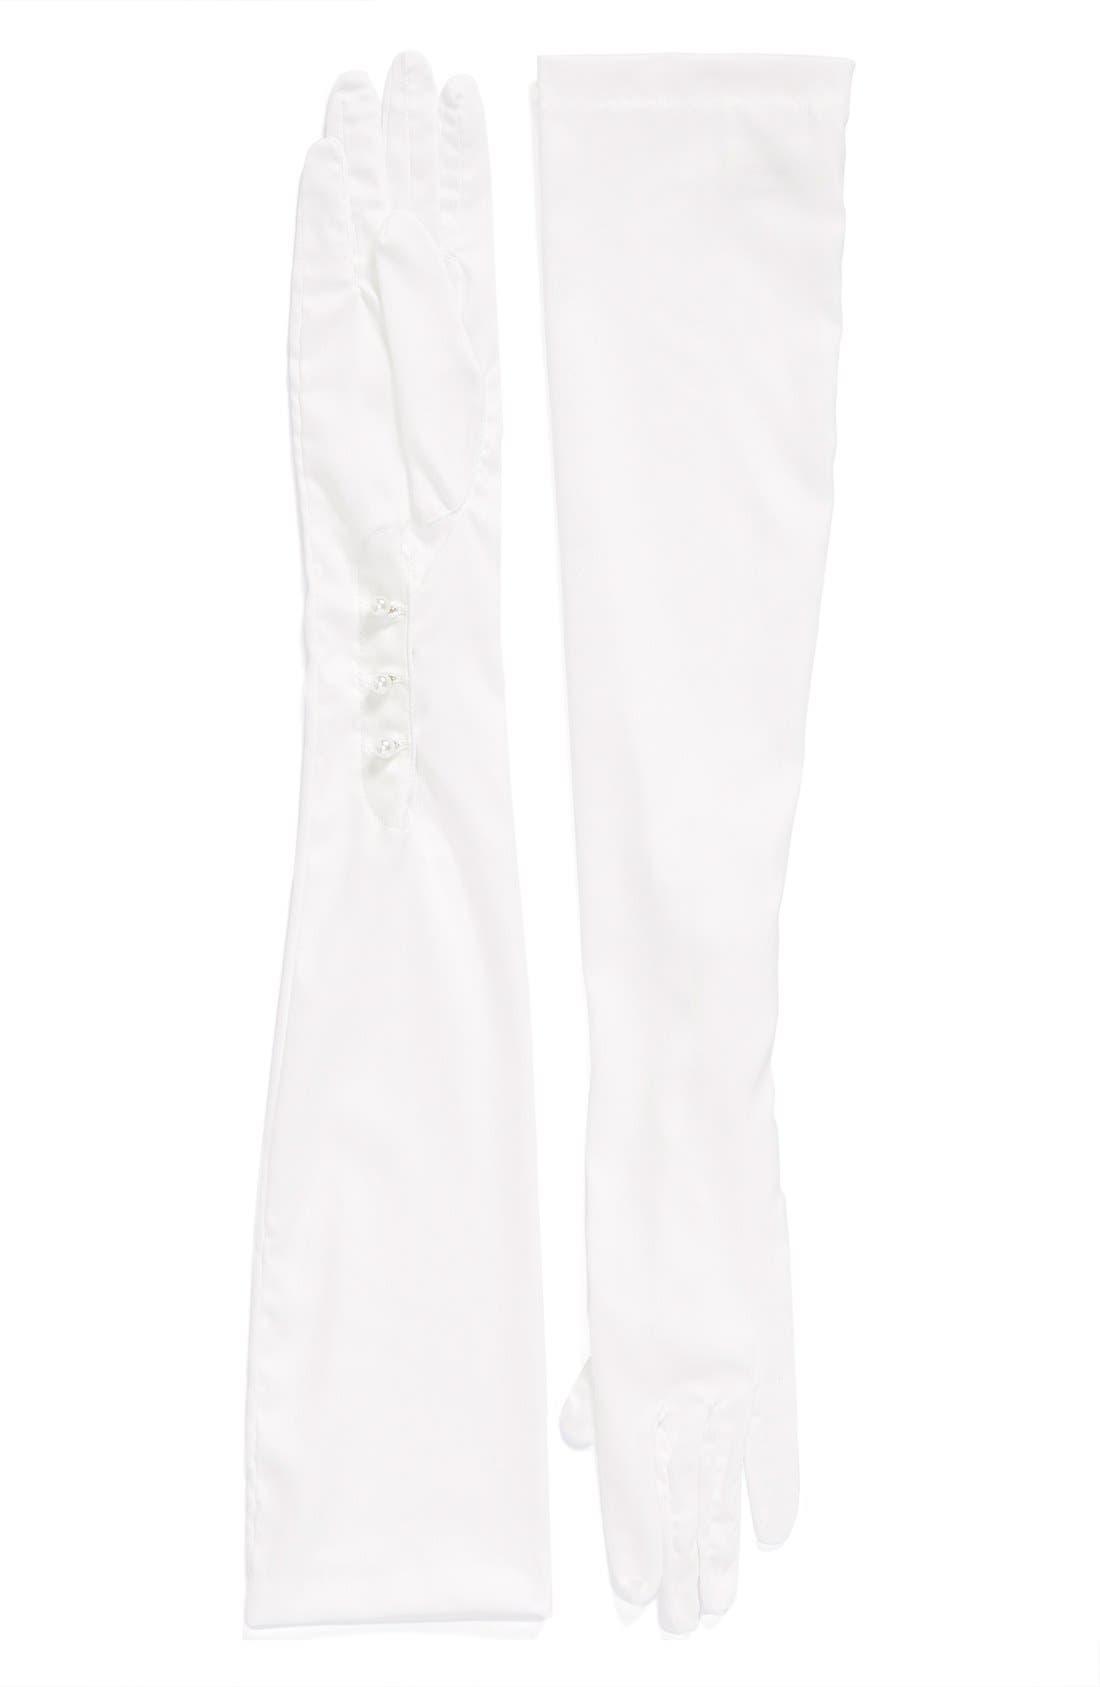 Debutante Opera Length Mousquetaire Gloves,                         Main,                         color, Diamond White